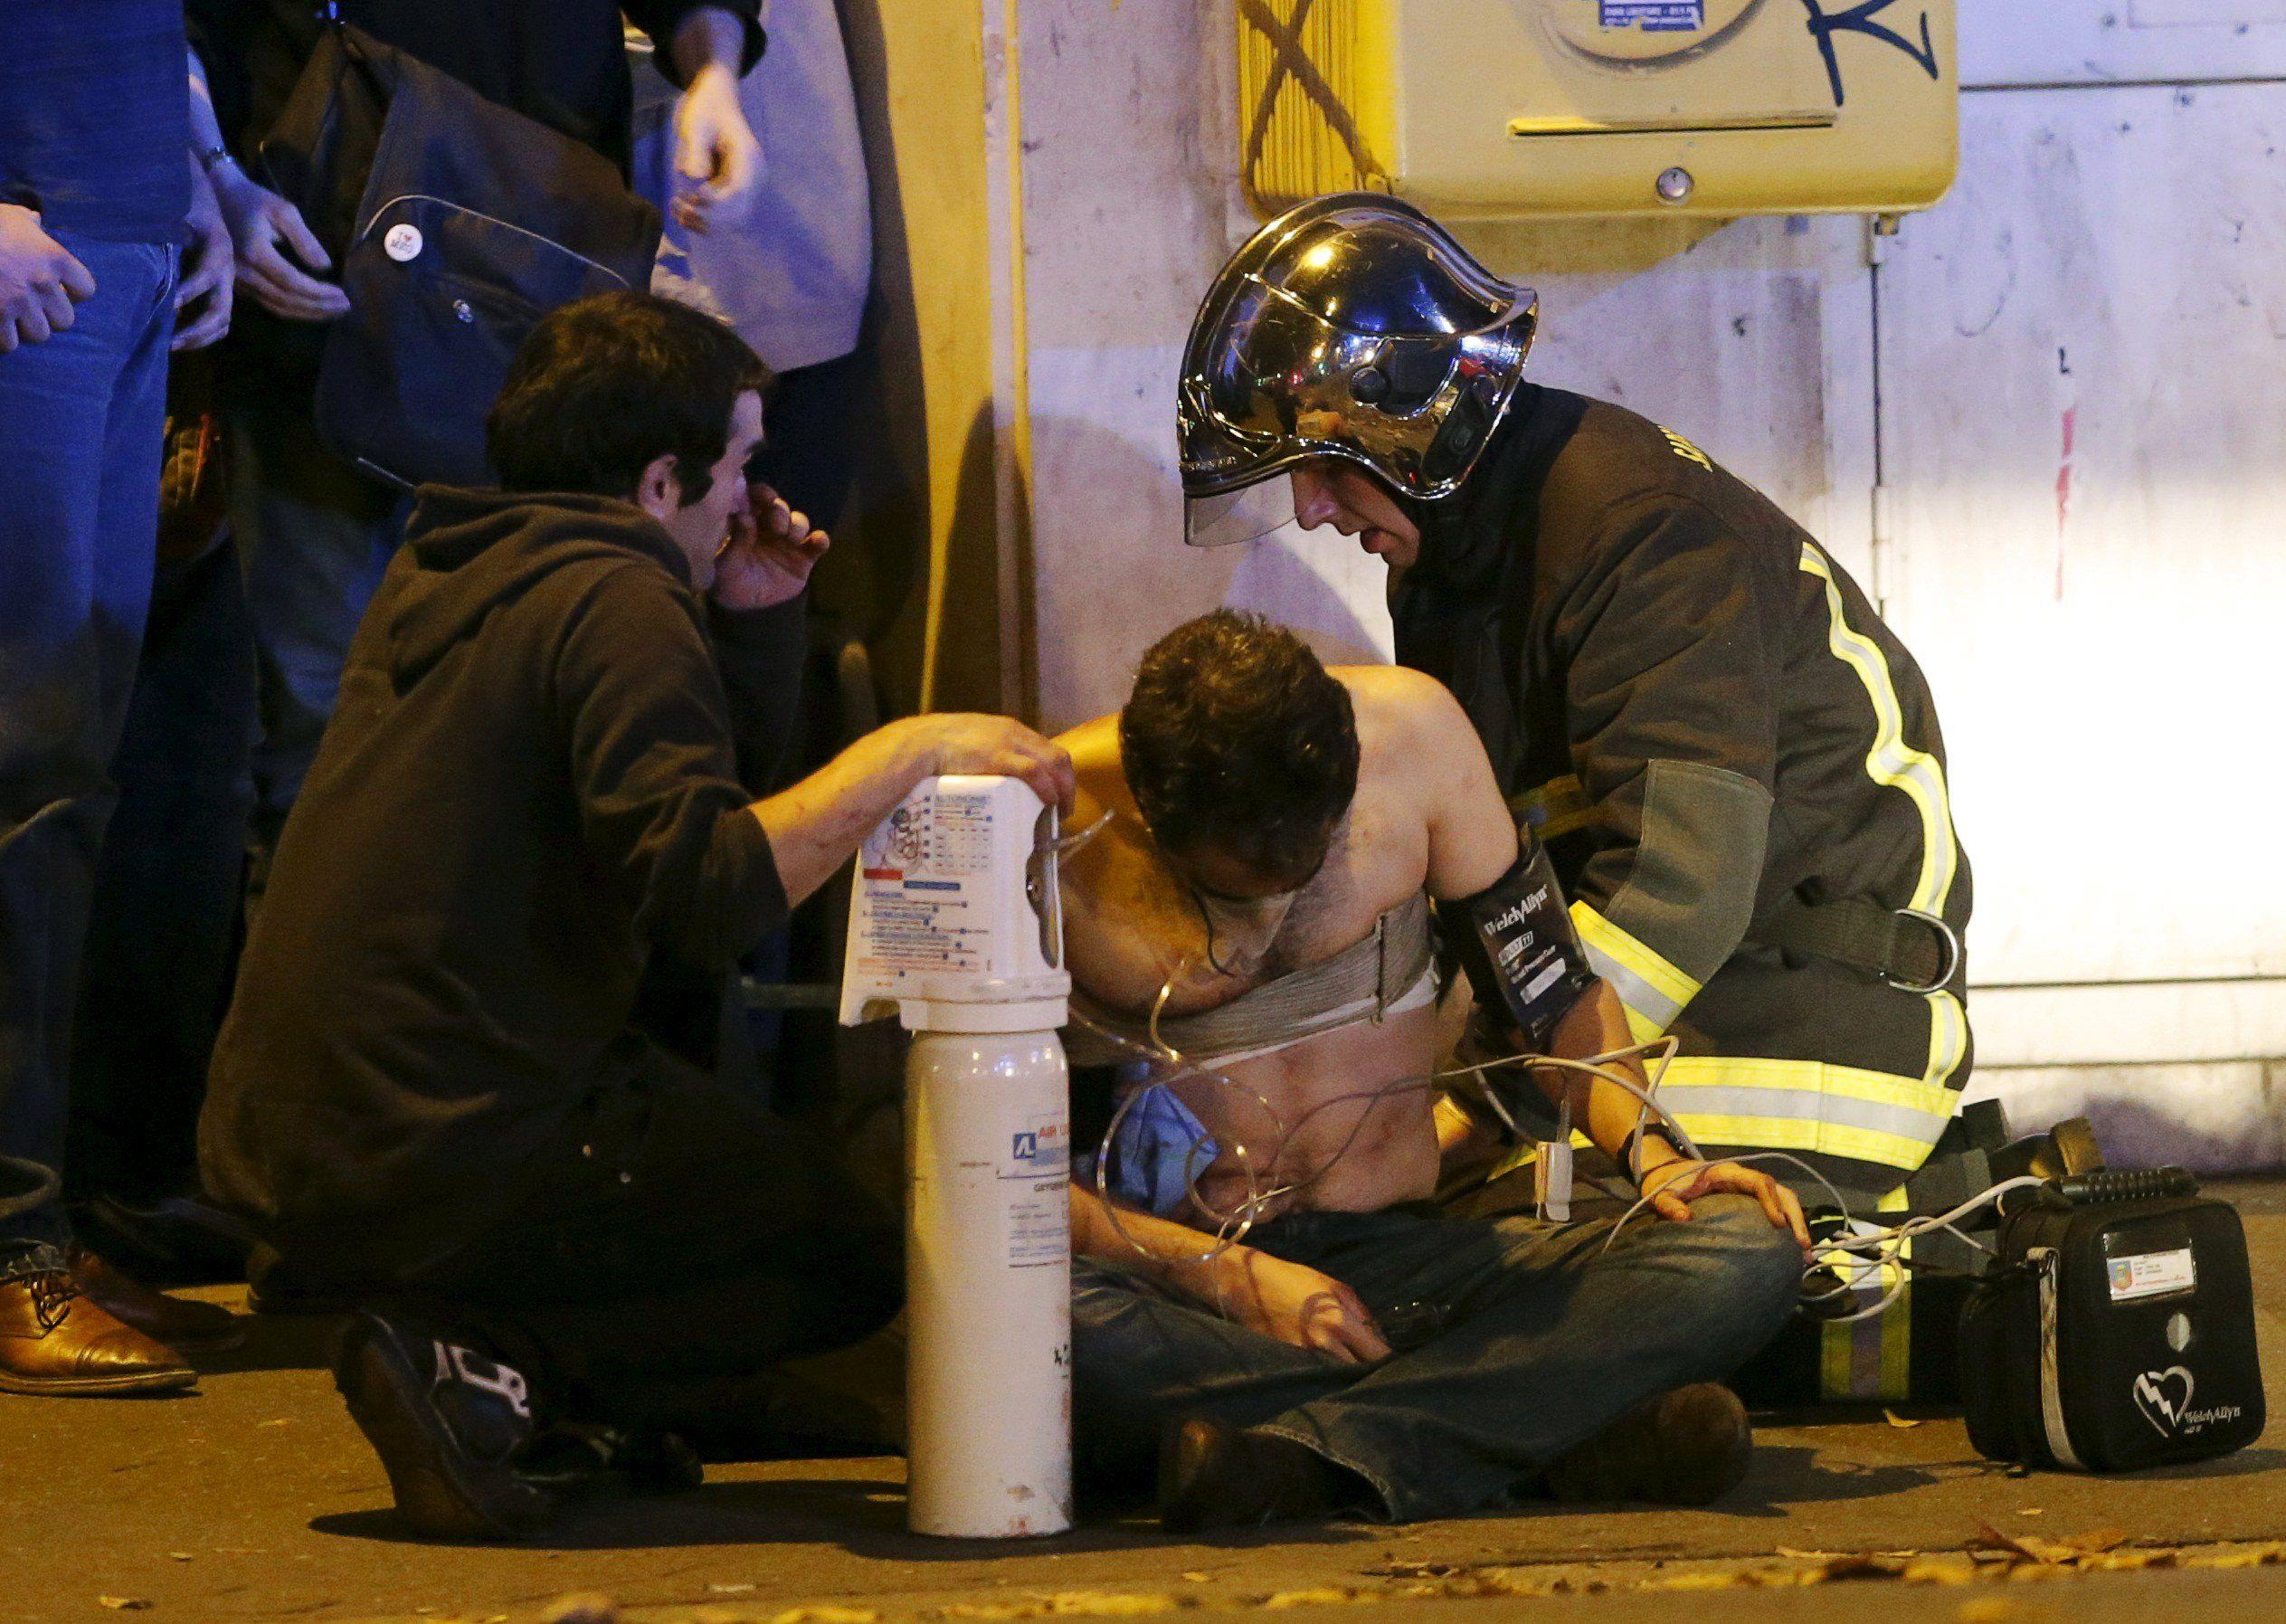 Последствия теракта в Париже, иллюстрация